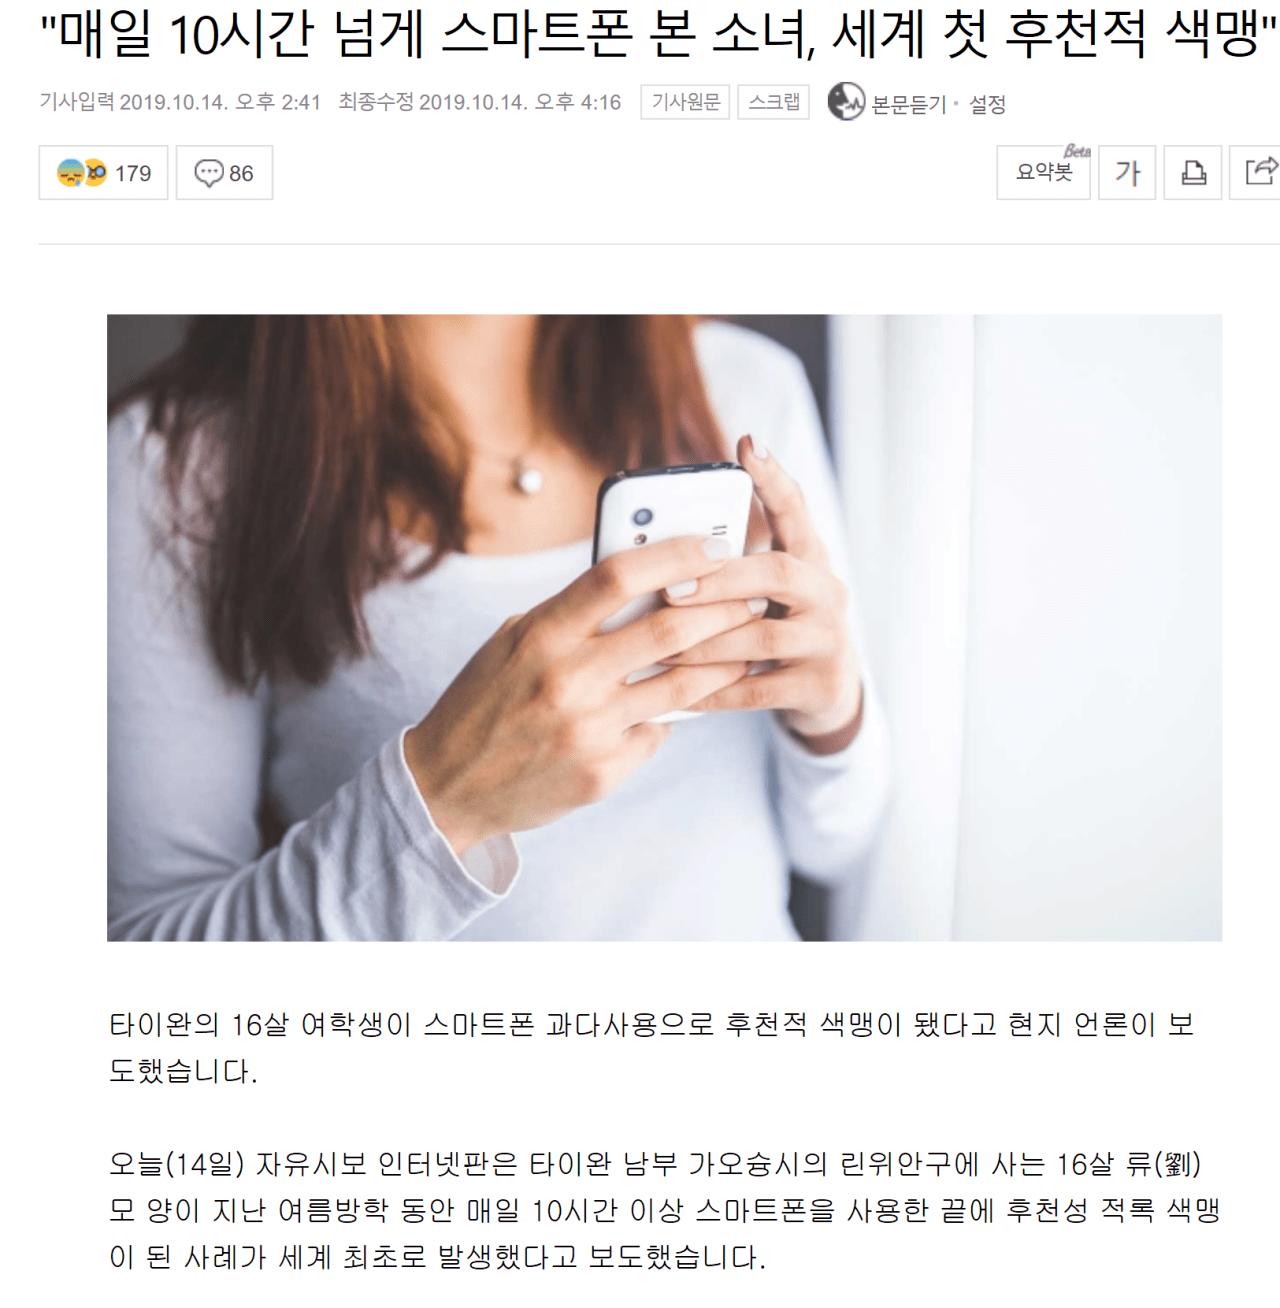 """""""매일 10시간 넘게 스마트폰 본 소녀, 세계 첫 후천적 색맹"""""""